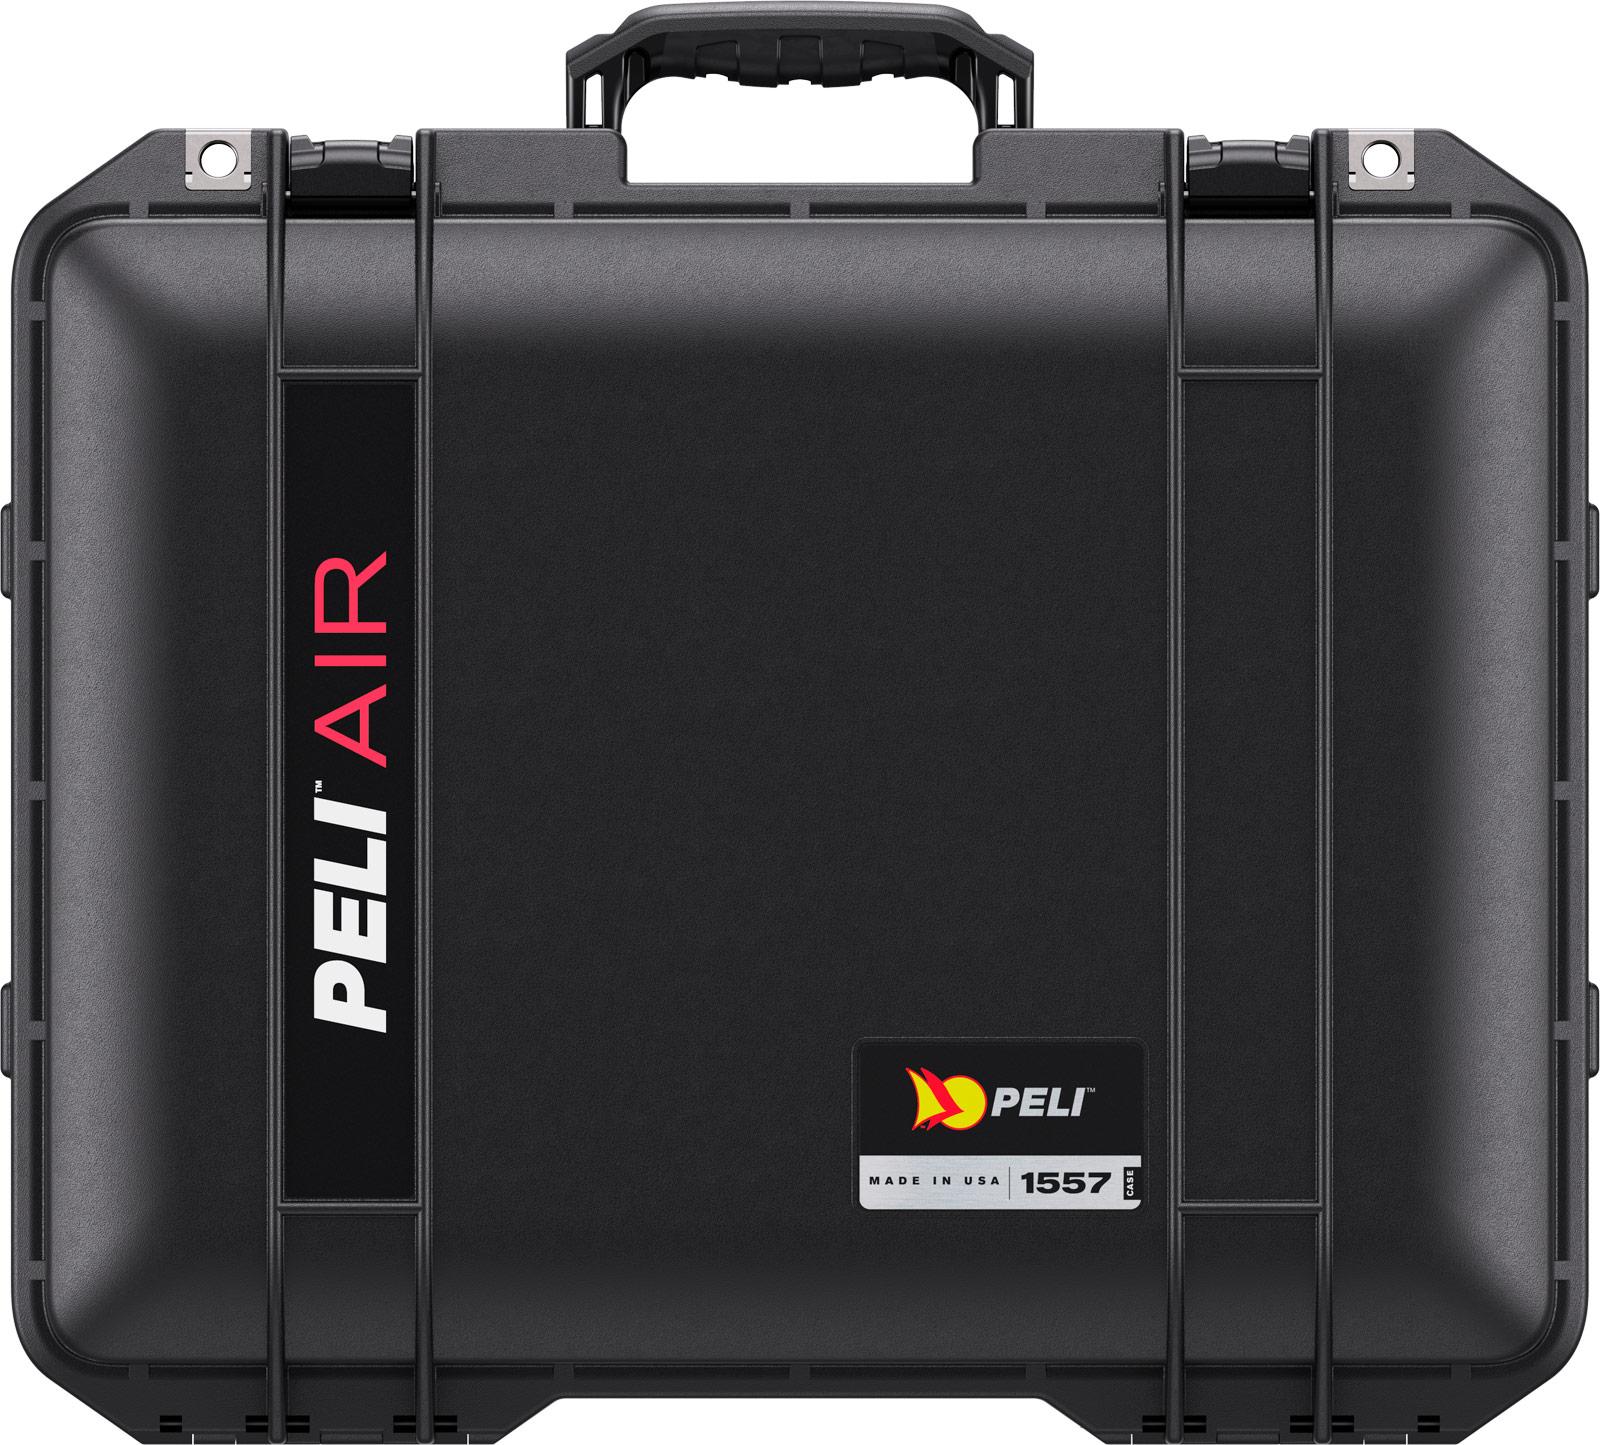 peli drone cases 1557 air case